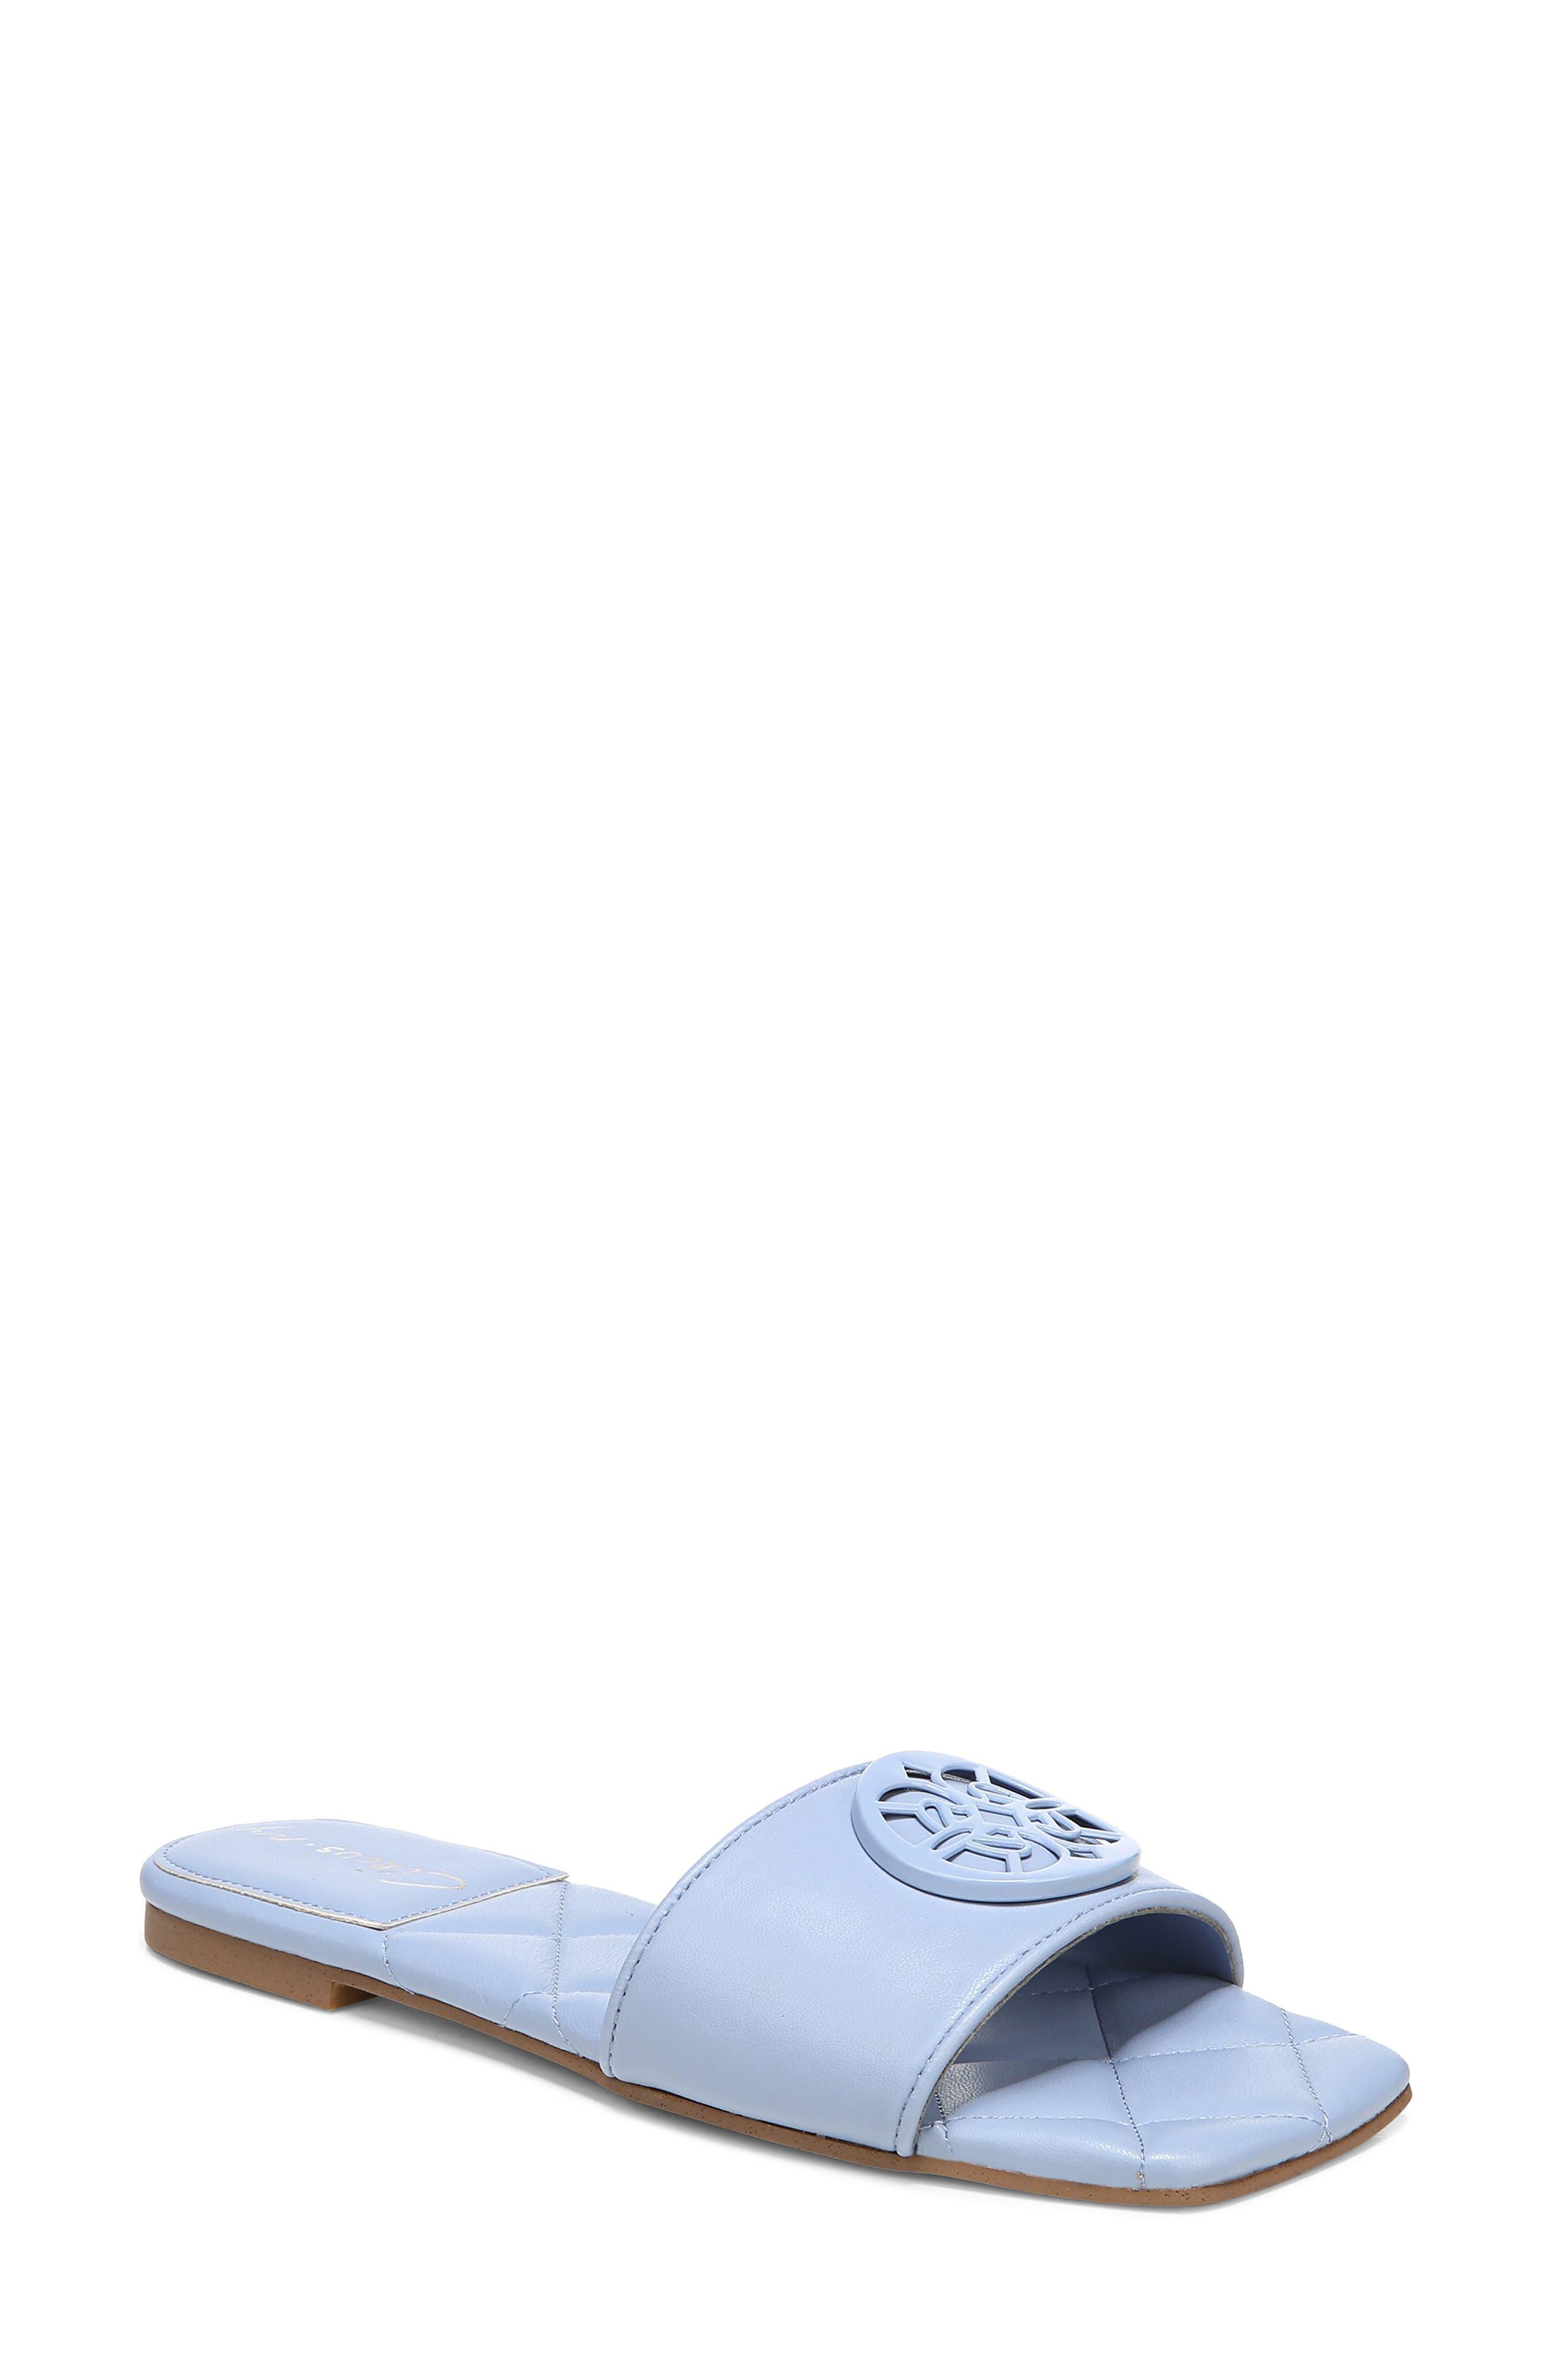 Arissa Slide Sandal